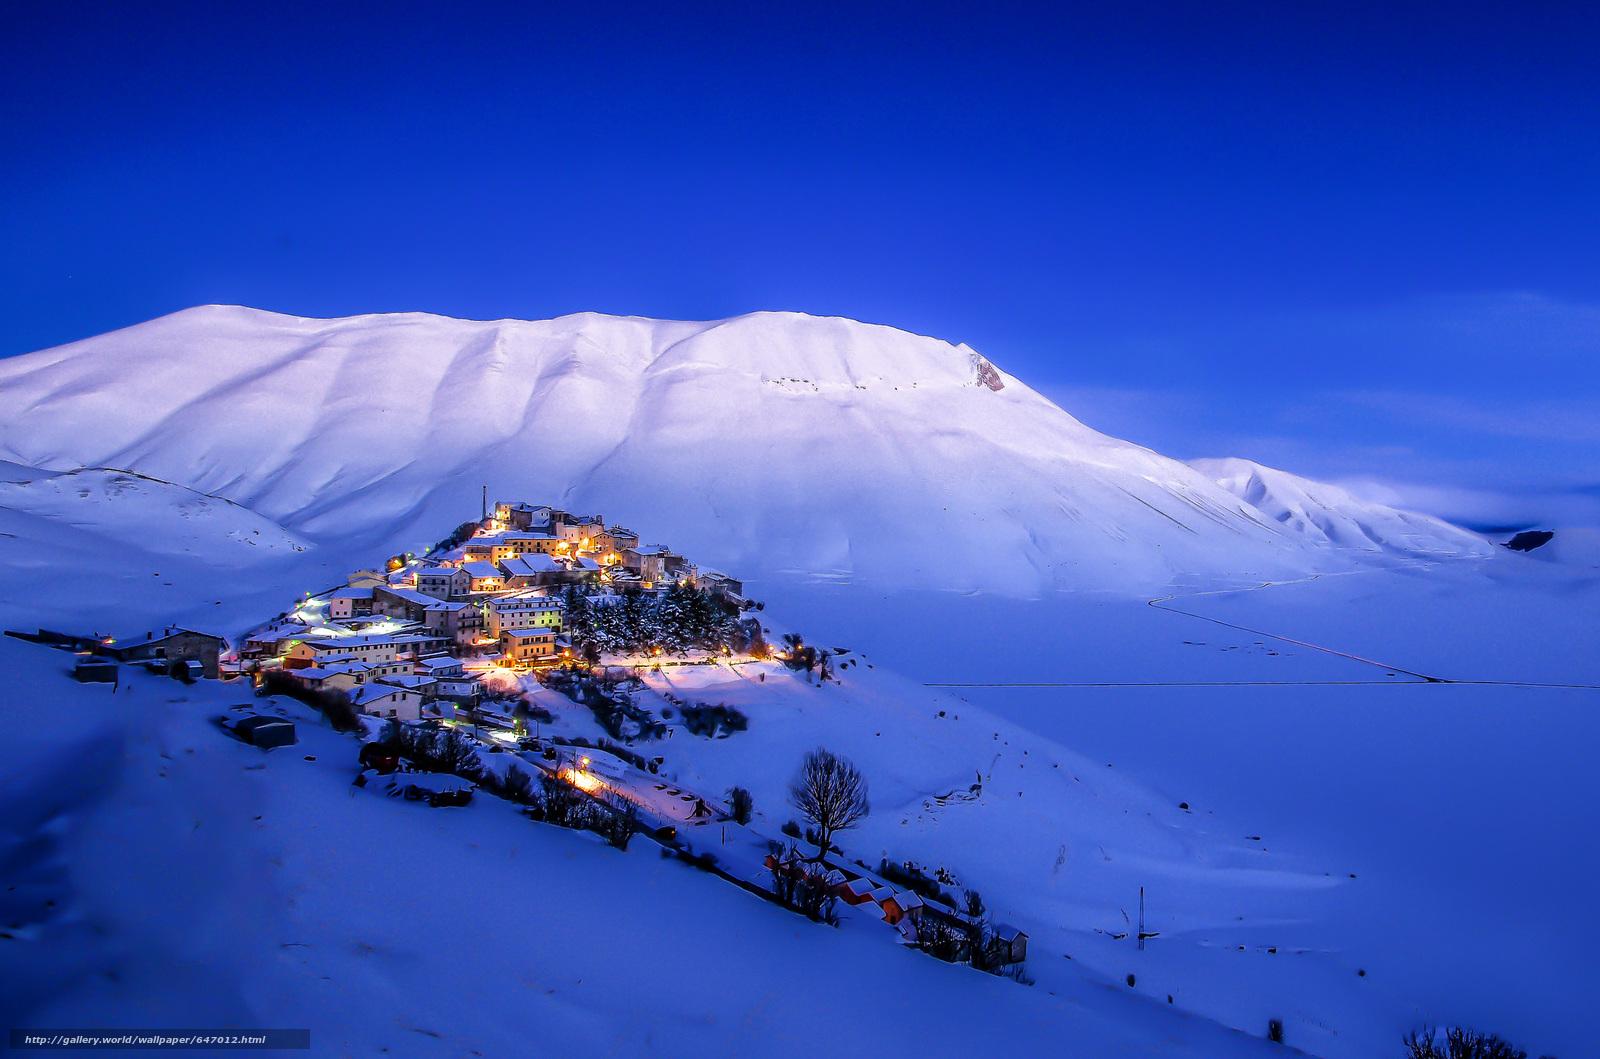 Tlcharger Fond d'ecran hiver,  Castelluccio,  hiver,  Montagnes Fonds d'ecran gratuits pour votre rsolution du bureau 2048x1356 — image №647012